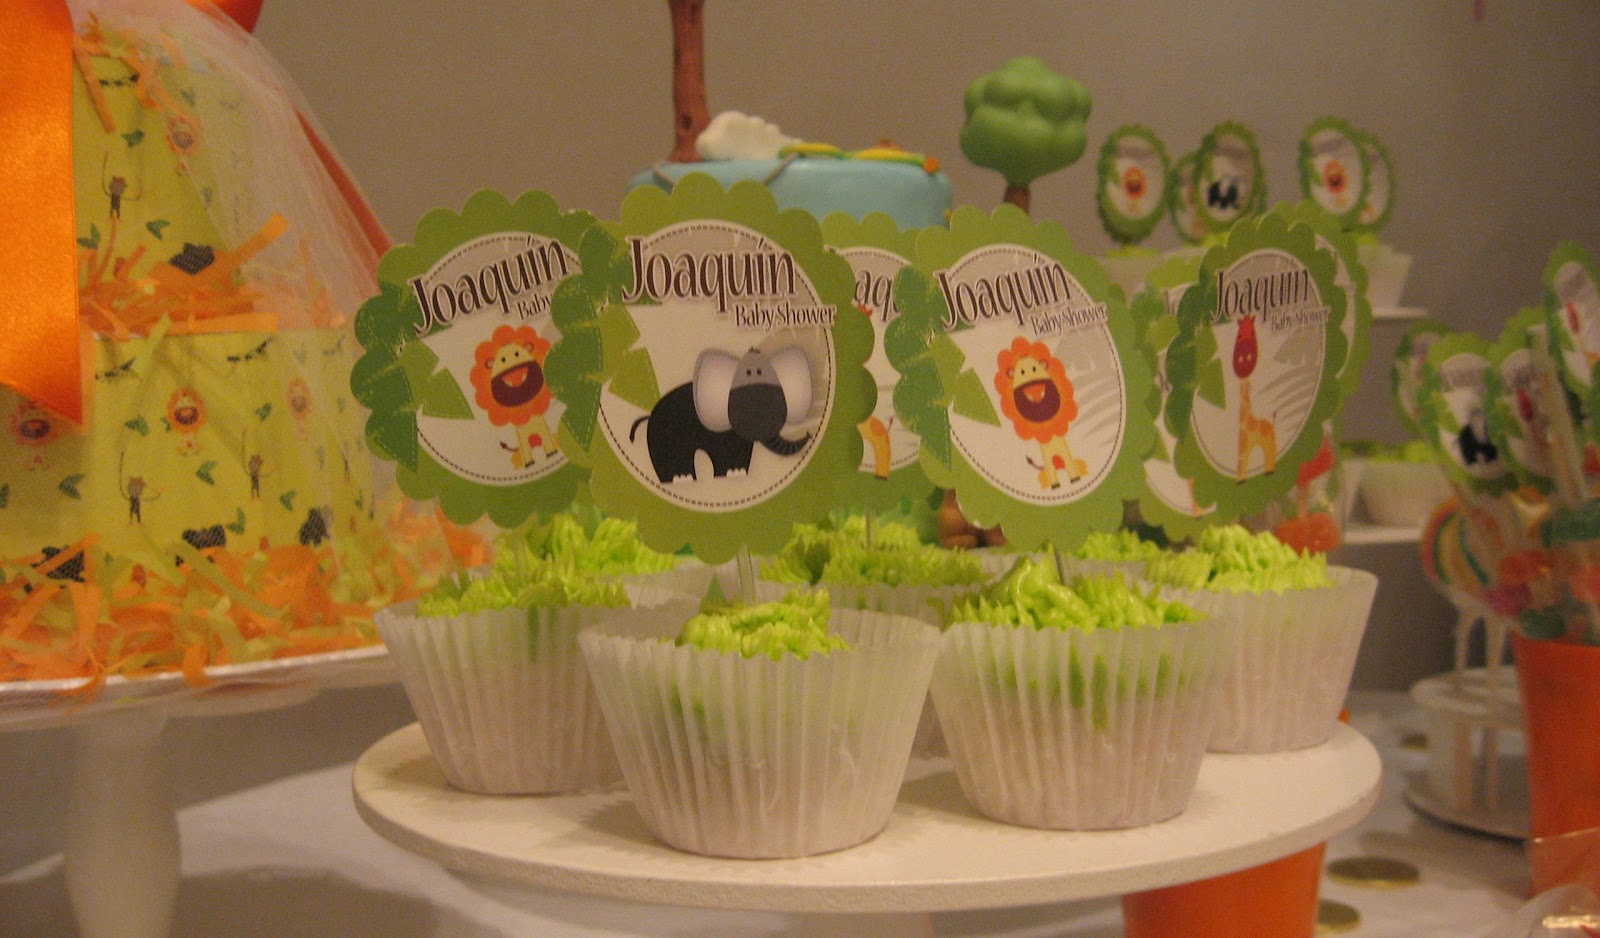 Fotos de decoraciones para fiestas infantiles de la hadita - Decoraciones de fotos ...